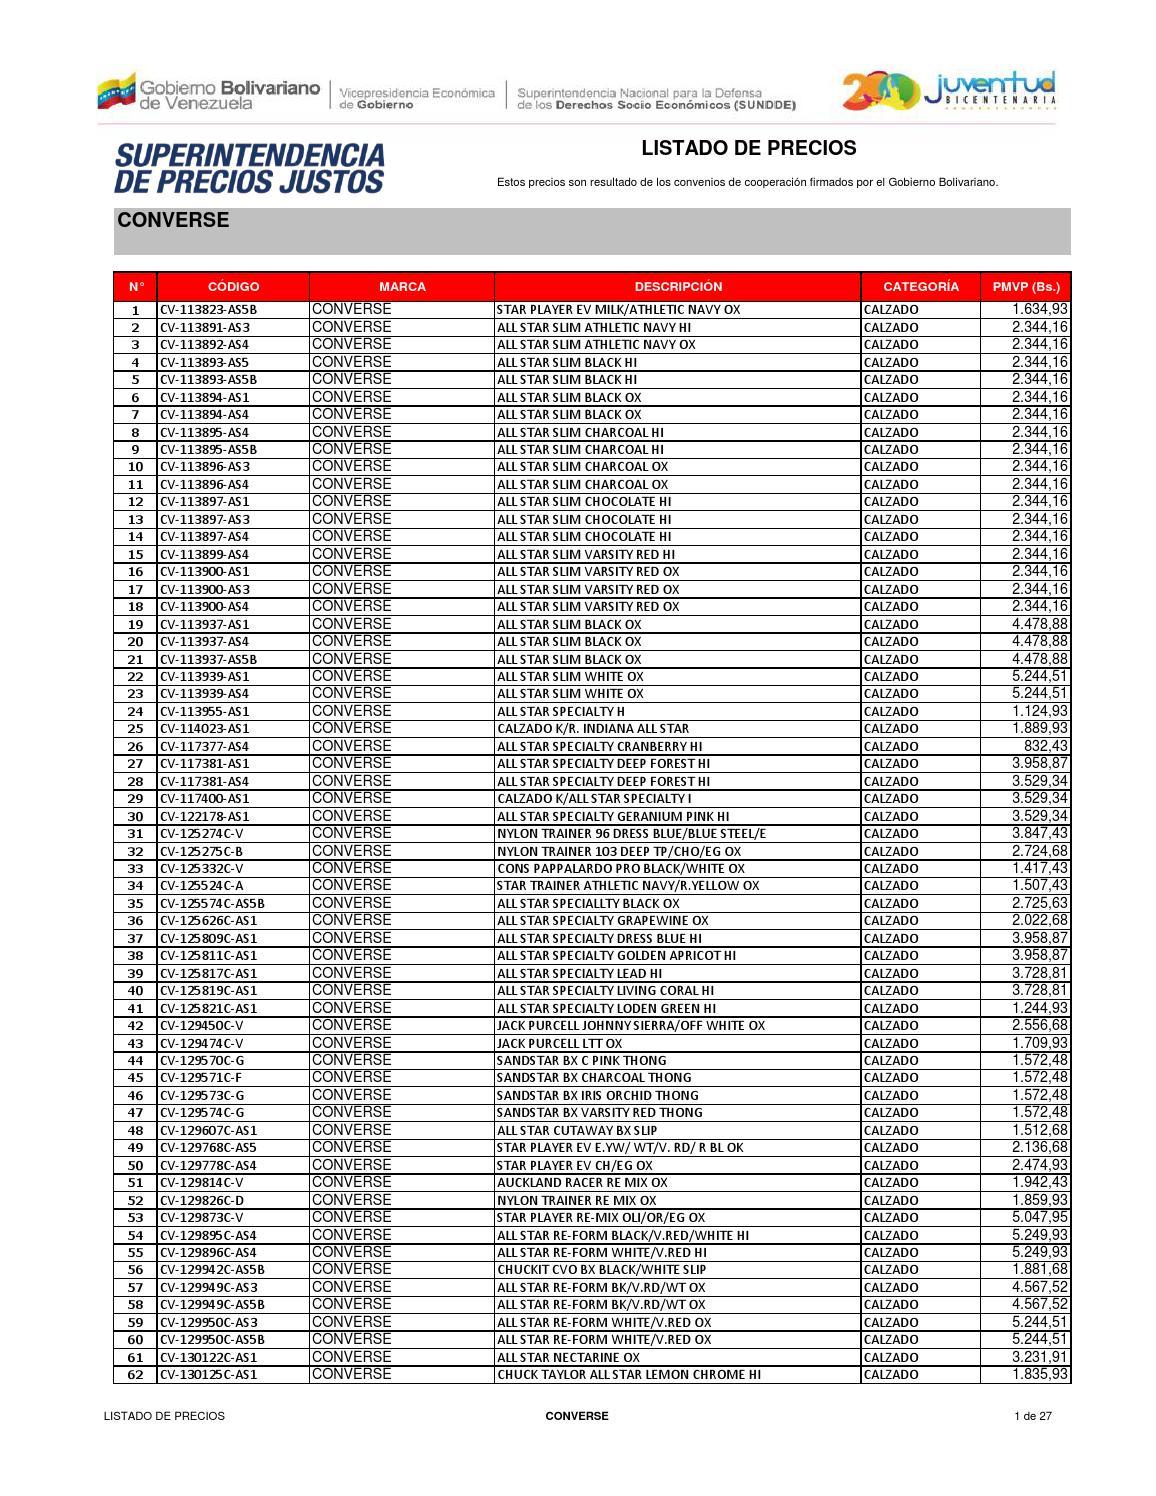 efb54130c6063e Lista de precios converse by DiarioRepublica.com - issuu